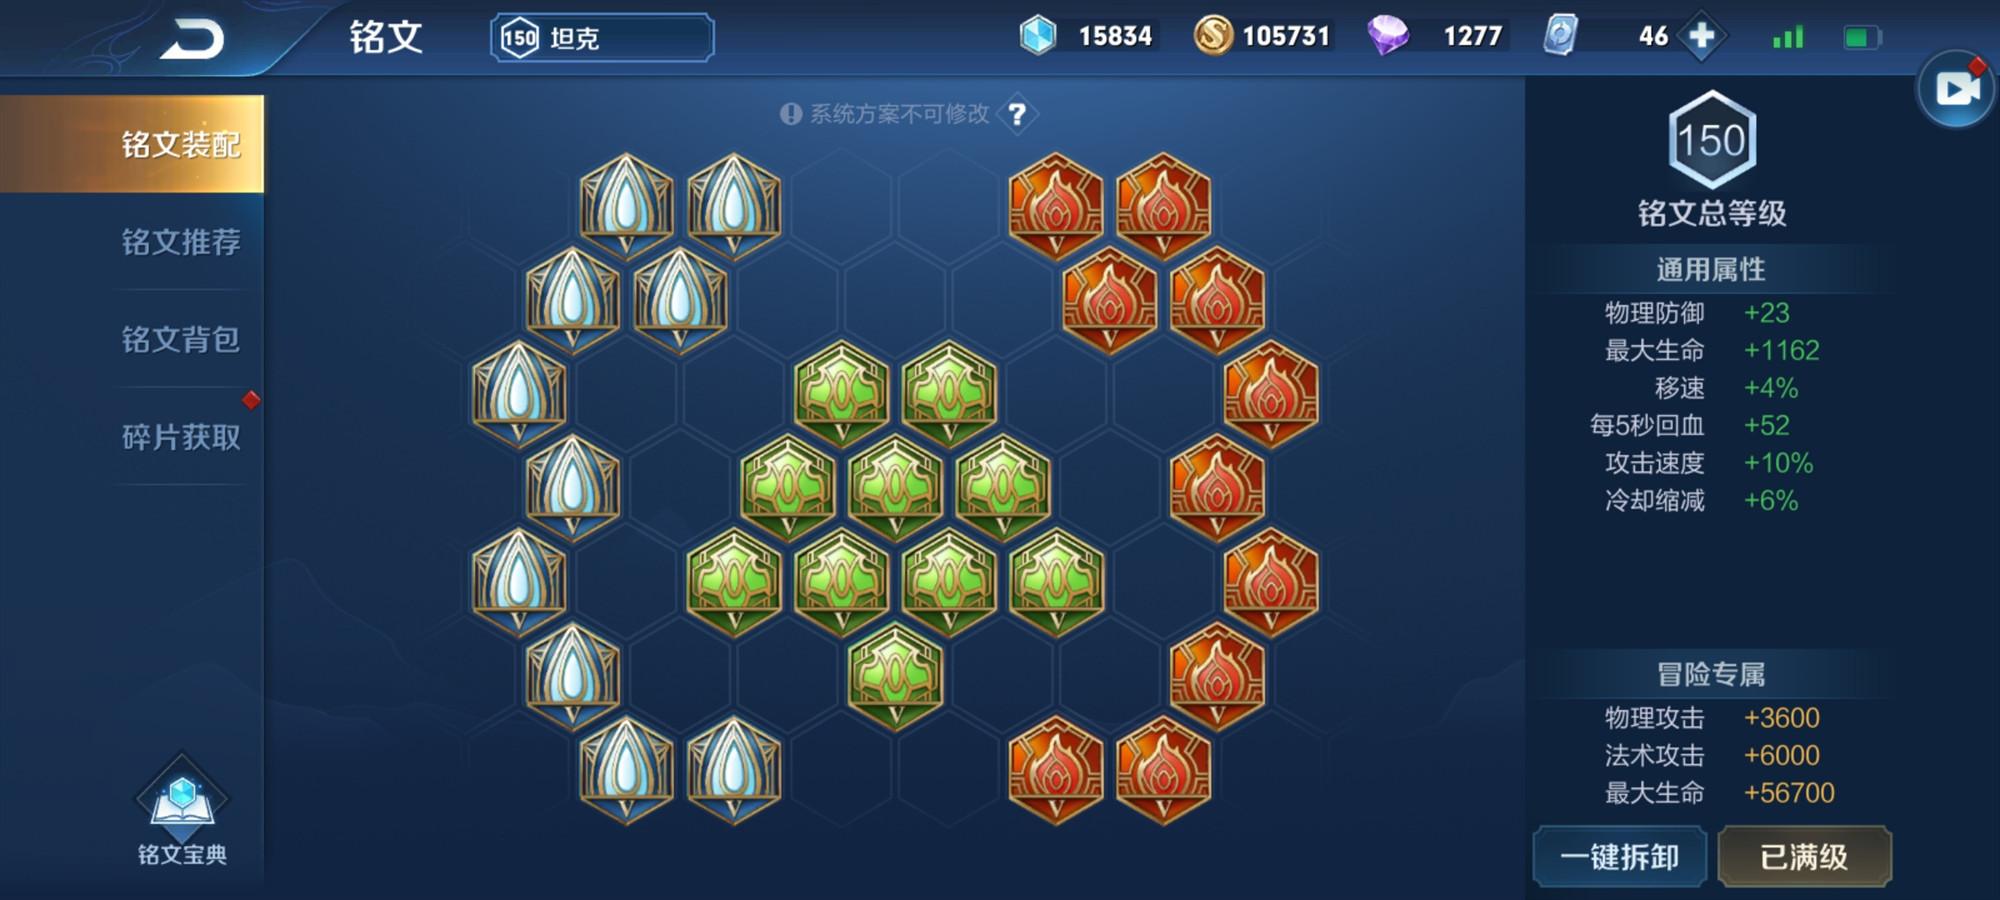 《【煜星娱乐app登录】王者荣耀:路人局极其冷门的八戒,为何在总决赛上大放异彩!》